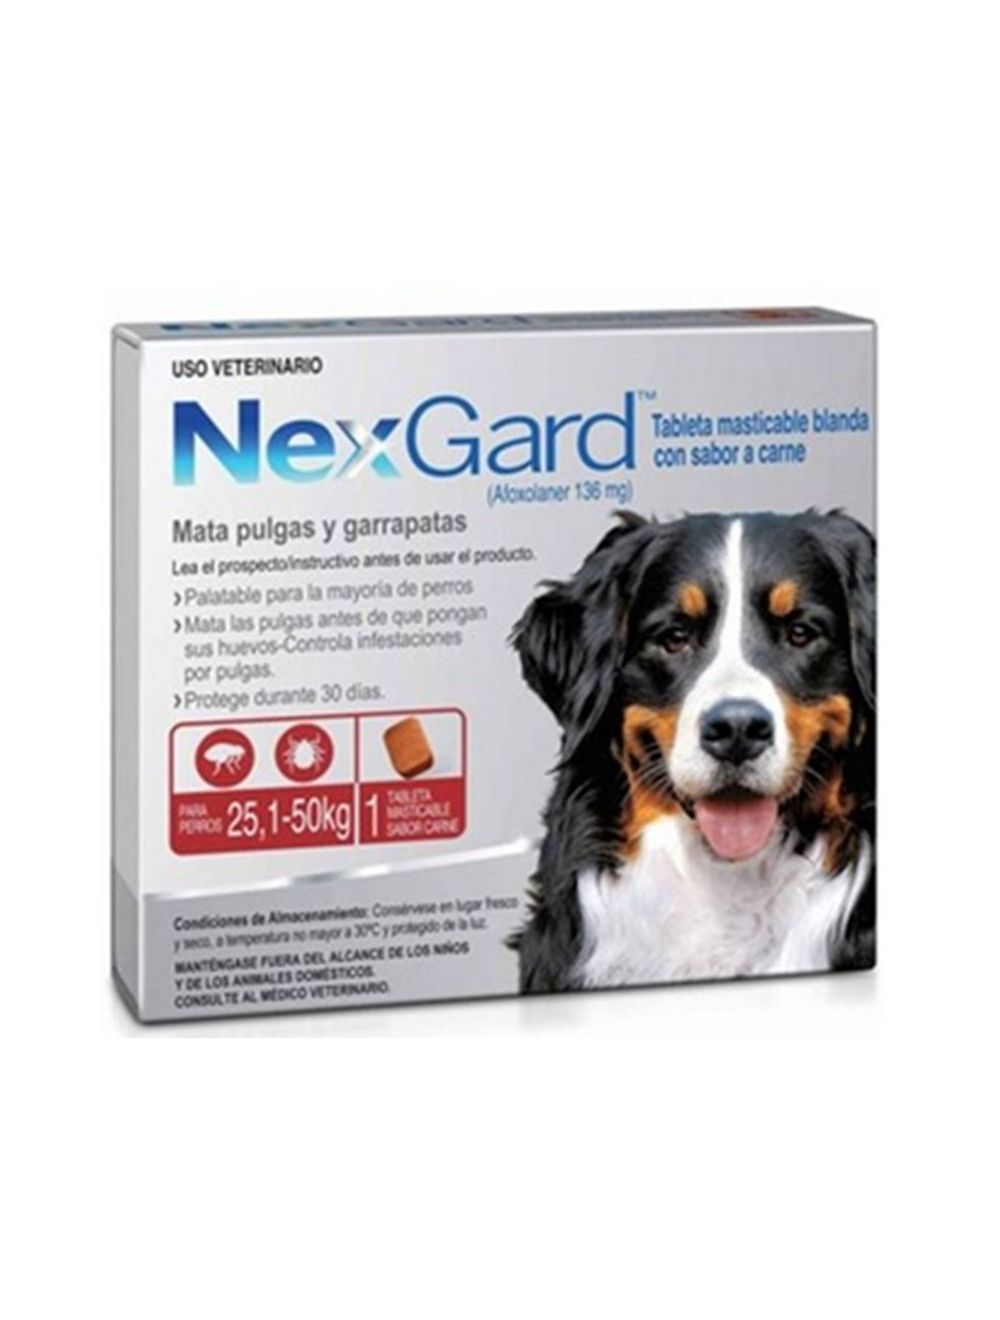 Antipulgas para Perros NexGard 25.1 - 50-Ciudaddemascotas.com